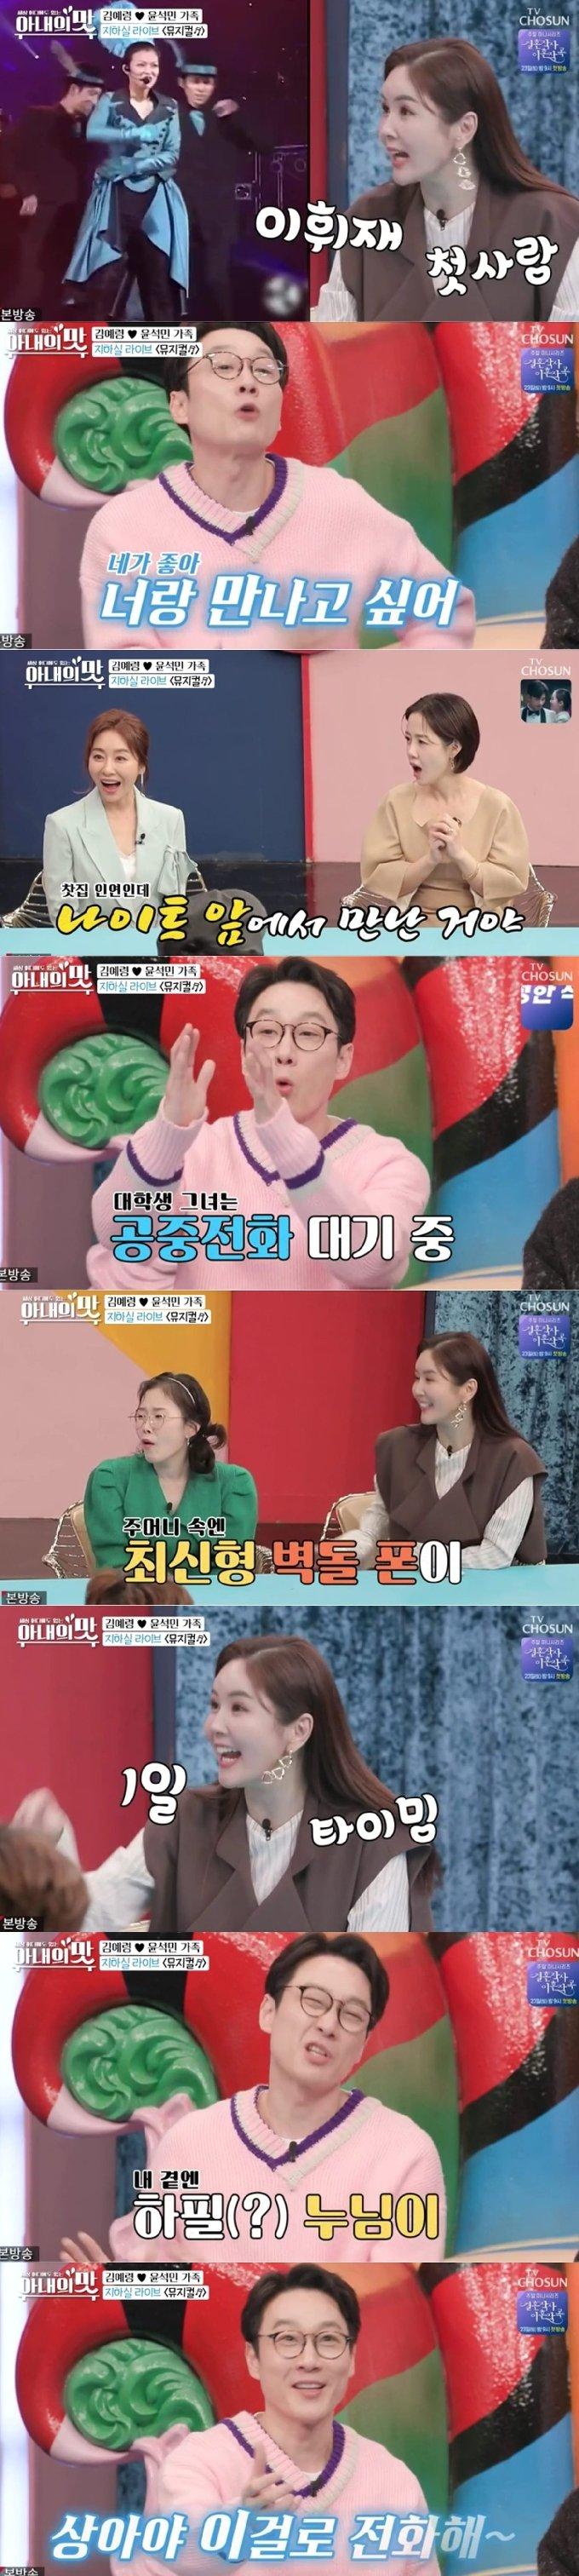 TV조선 '아내의 맛' 방송화면 갈무리 © 뉴스1